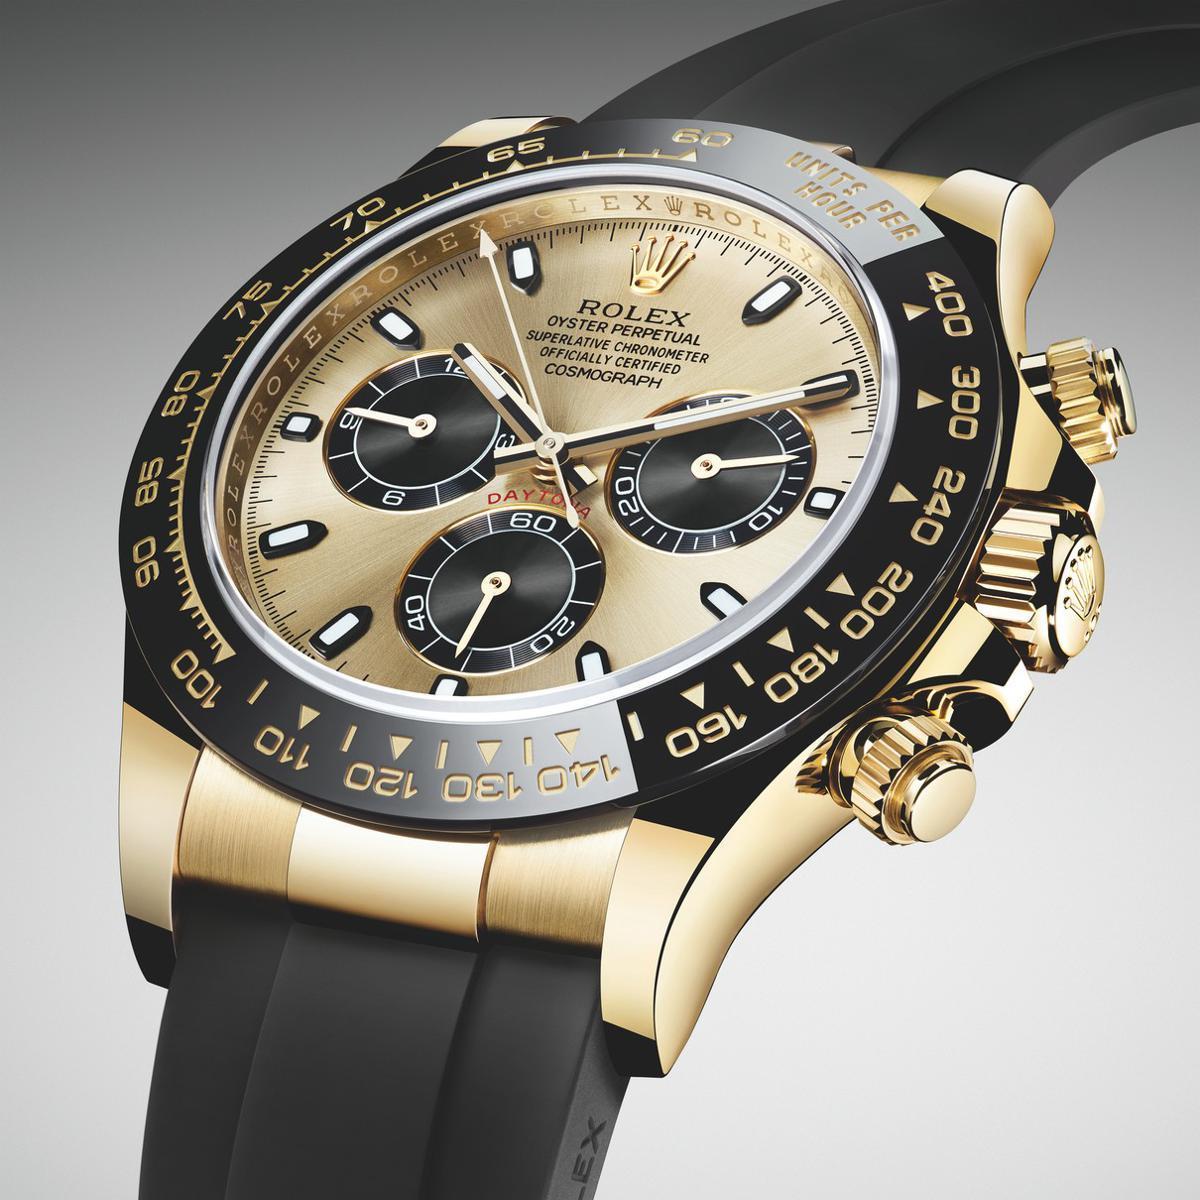 b422d26af1e Le Novità Rolex 2017 con Prezzi e Date di Rilascio sul Mercato ...